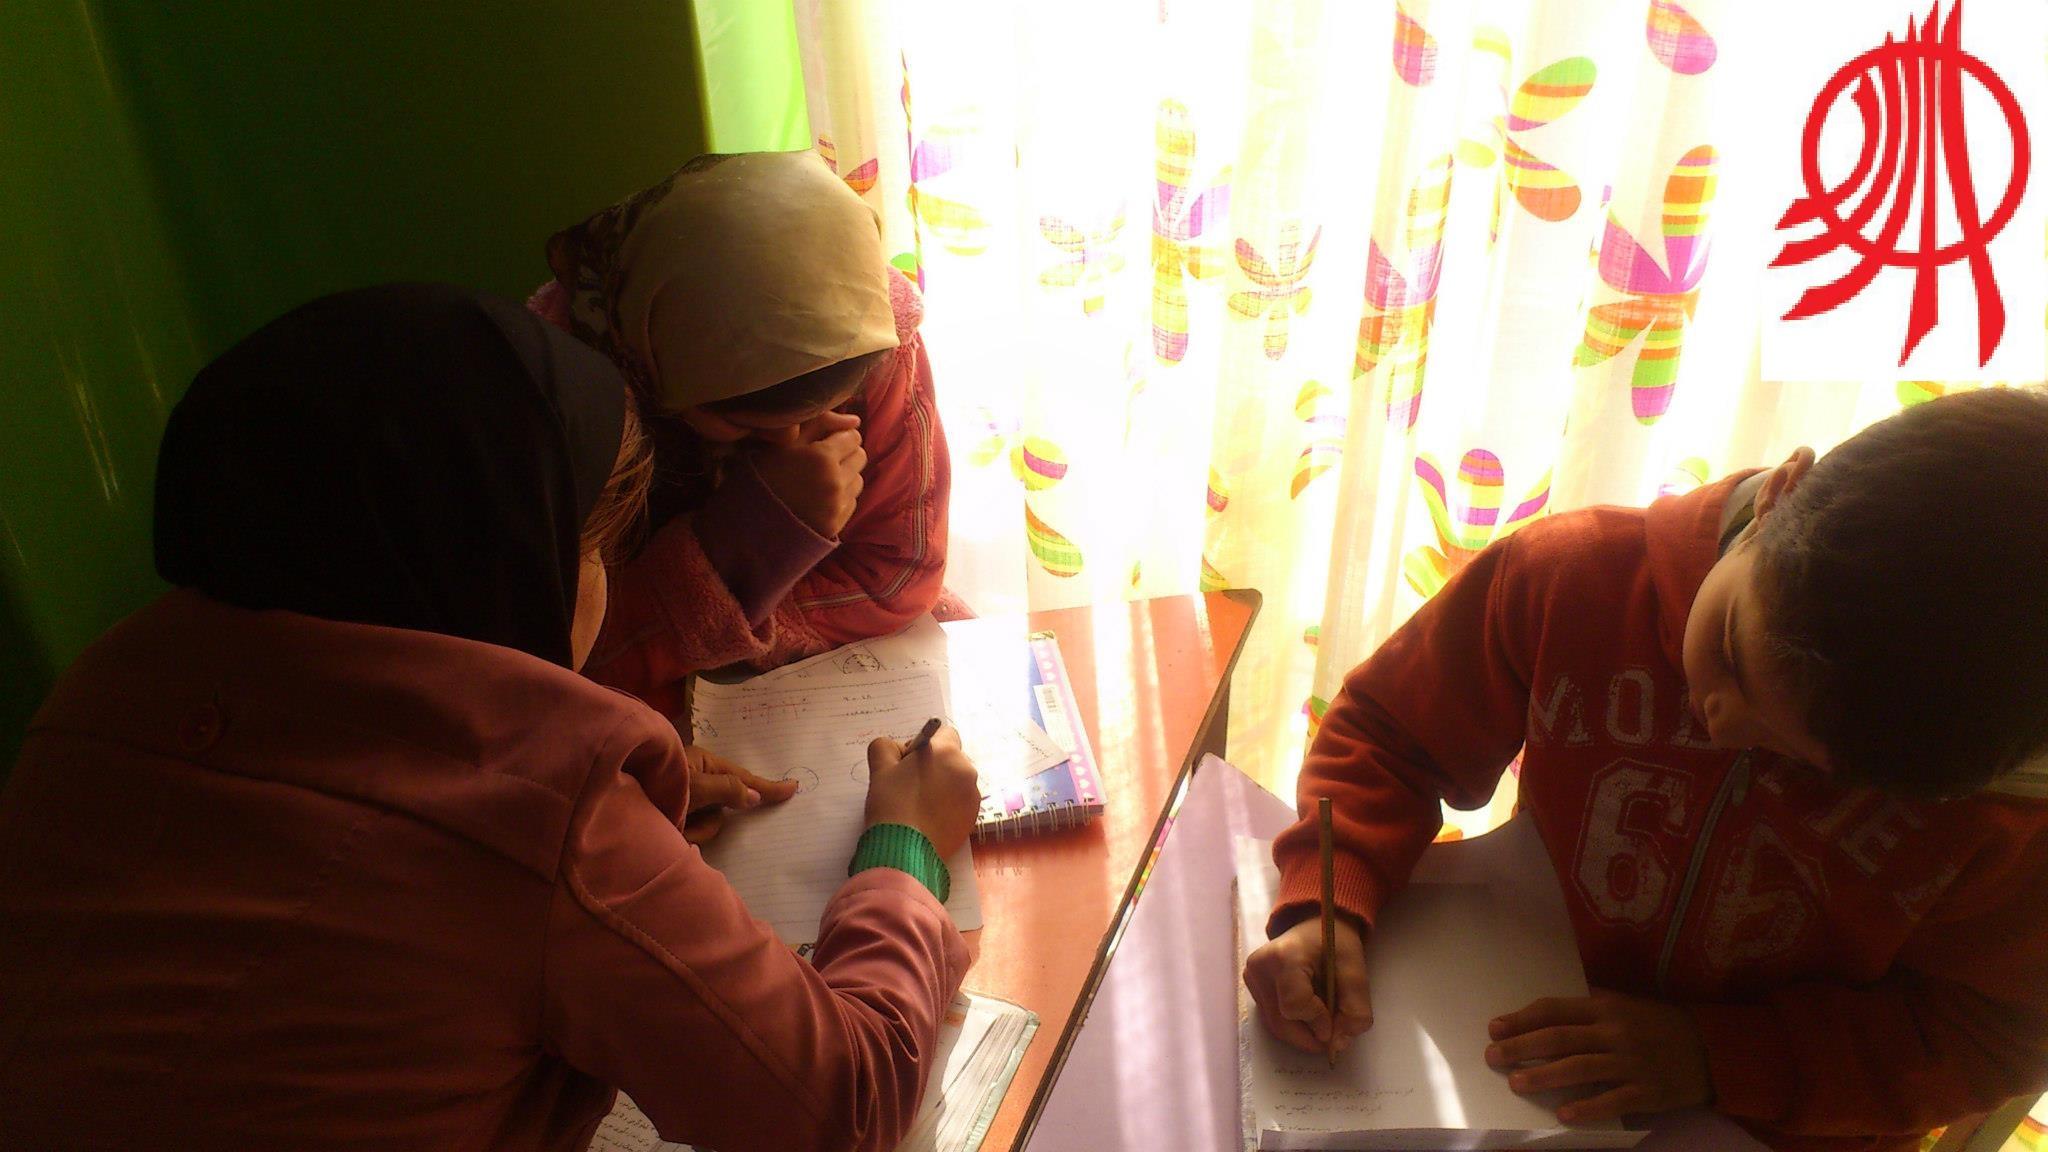 تدریس عشق- خانه بهشت ایرانی- جمعیت امام علی